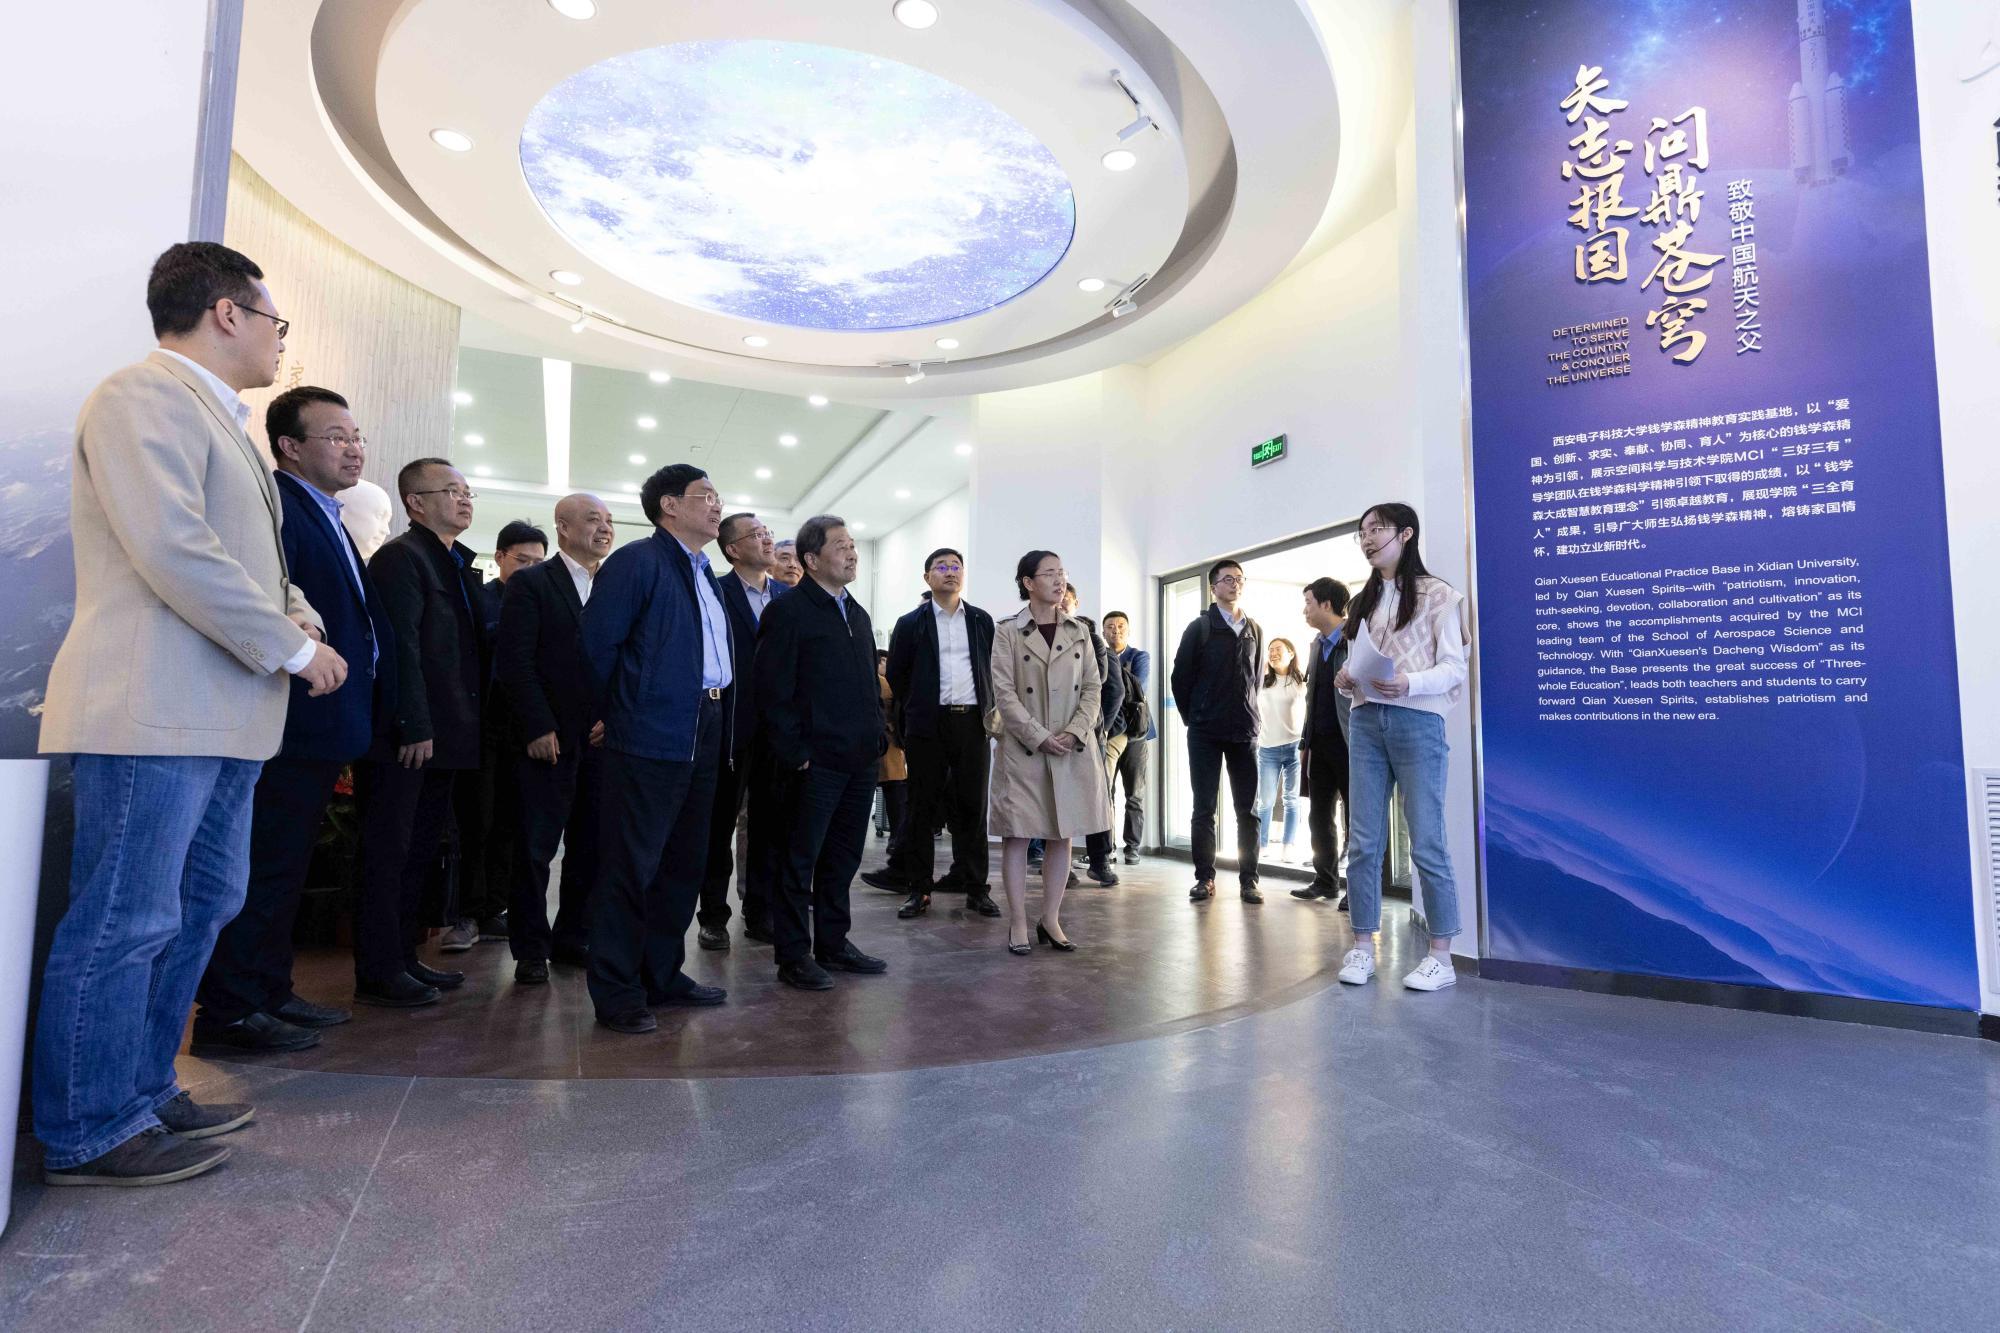 西电召开国家重大科研仪器研制项目监理及验收启动会